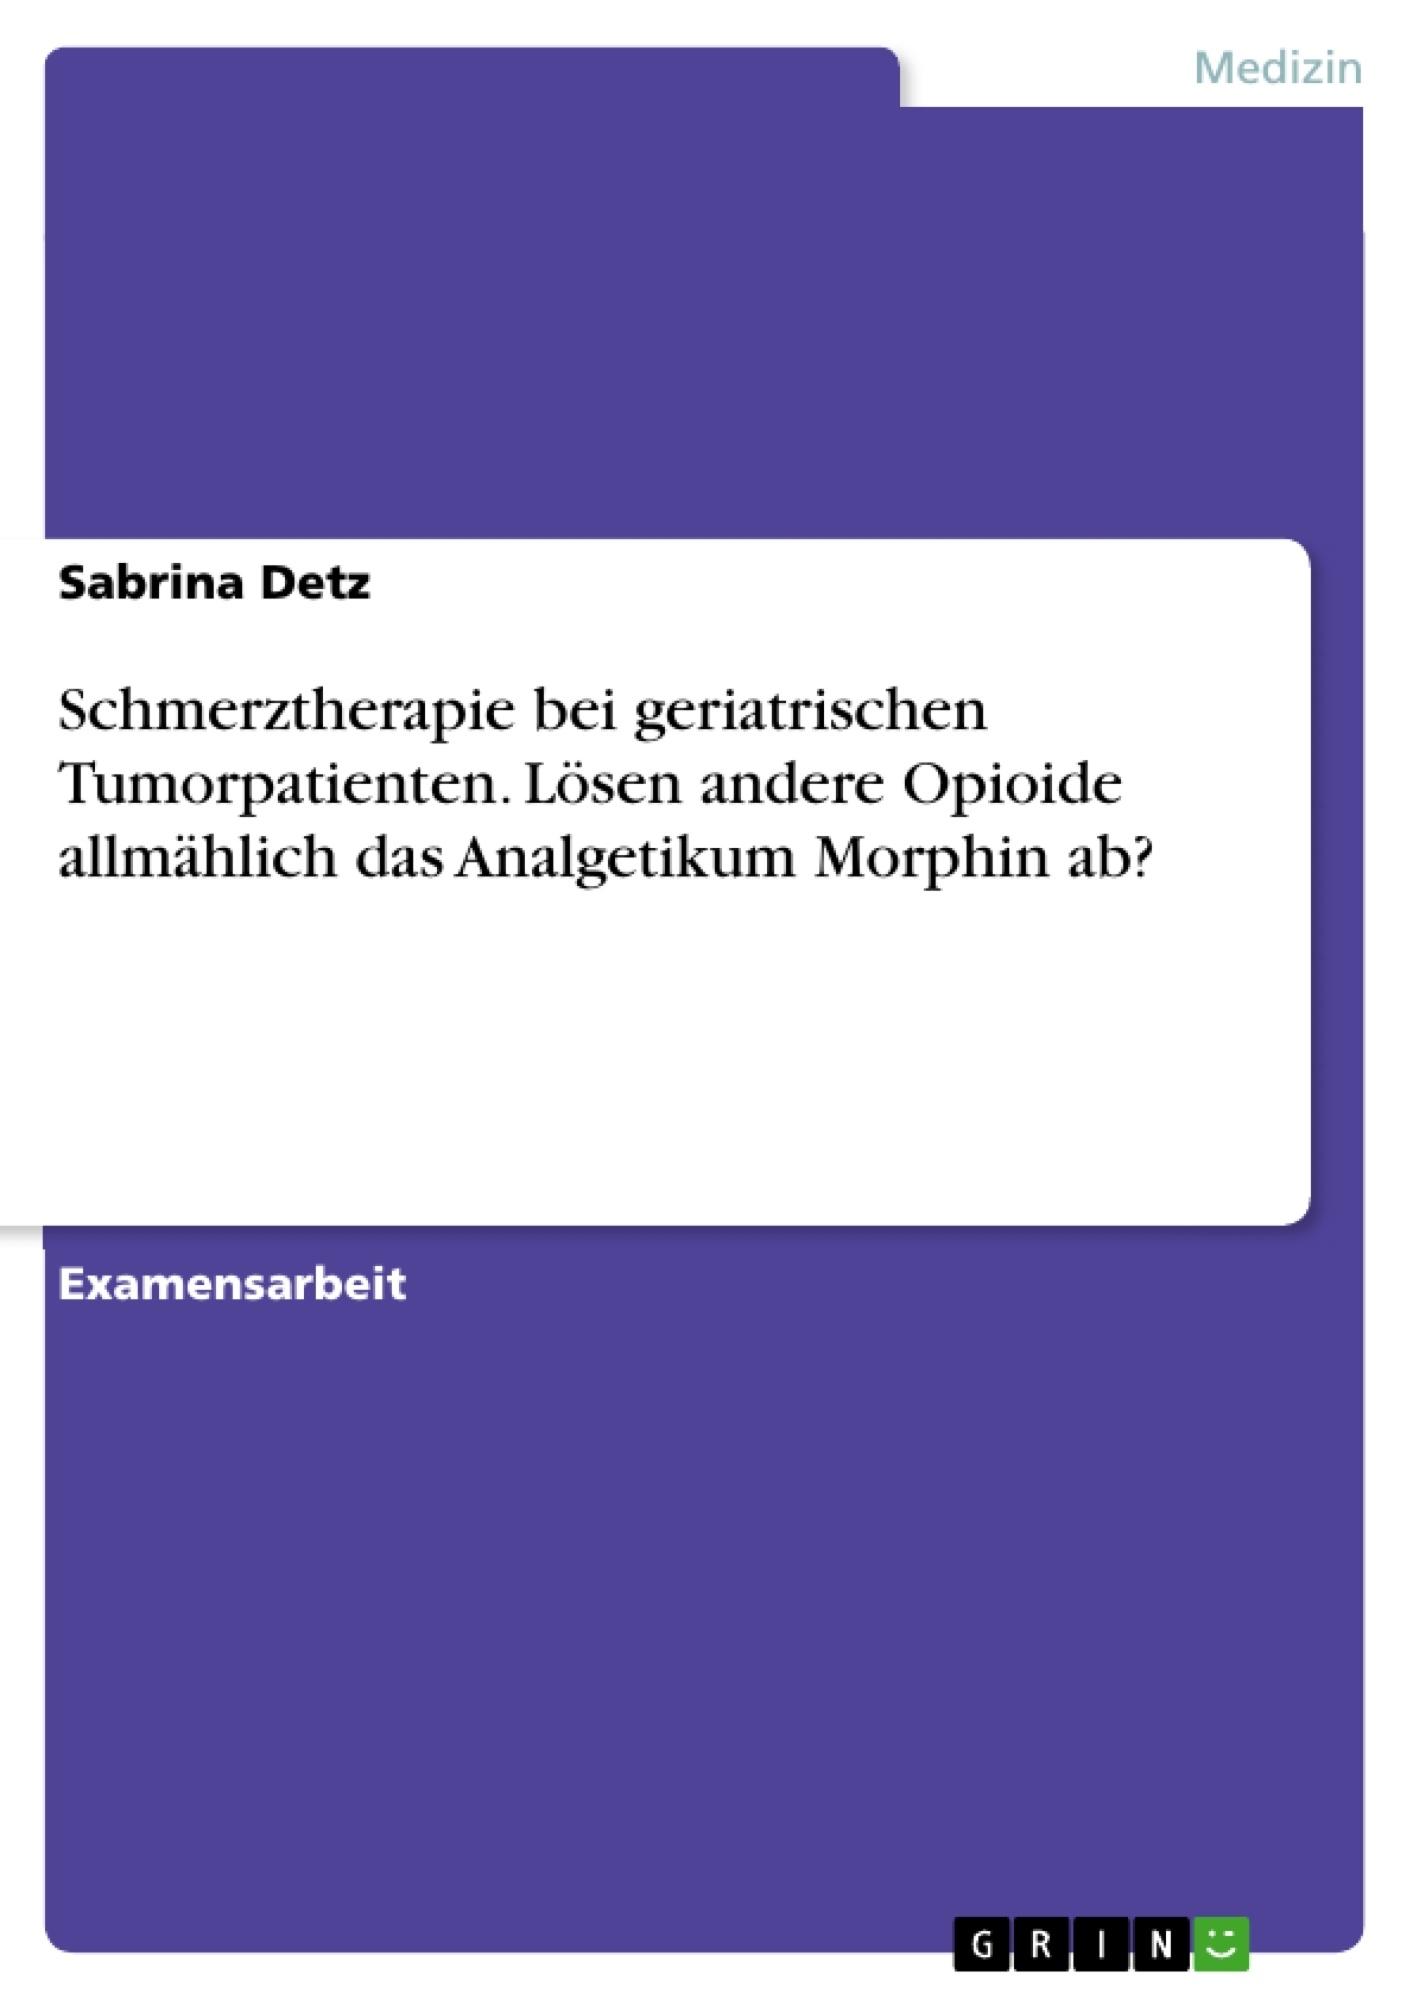 Titel: Schmerztherapie bei geriatrischen Tumorpatienten. Lösen andere Opioide allmählich das Analgetikum Morphin ab?